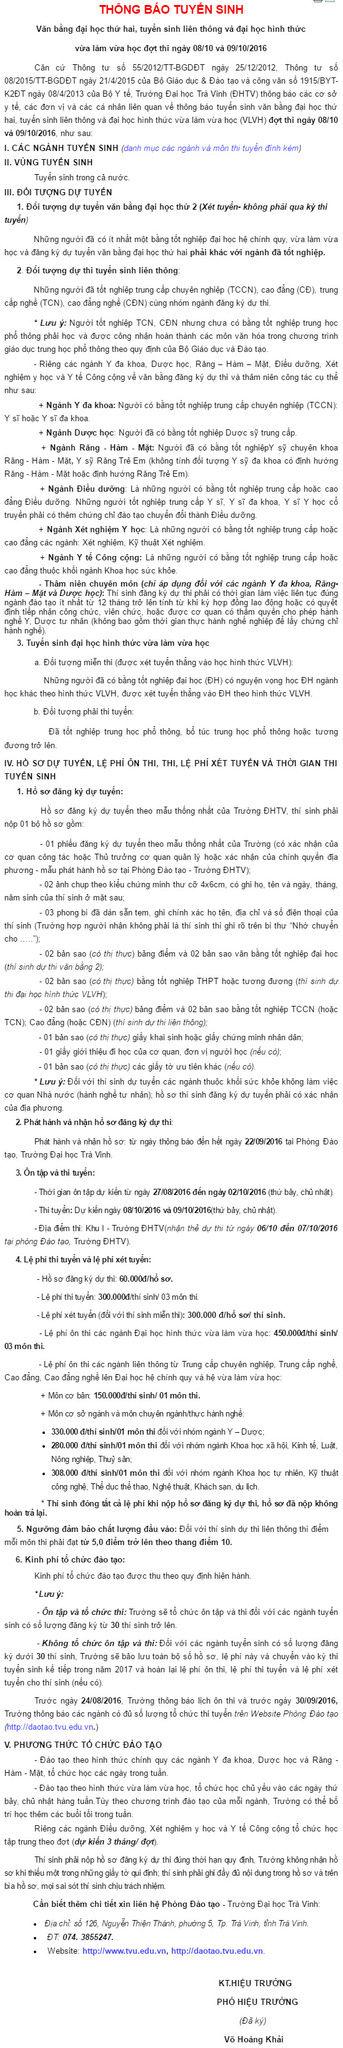 [Tin Tức] Thông báo tuyển sinh Thú Y đợt thi 08/10 và 09/10/2016 của TVU Tuyeni10